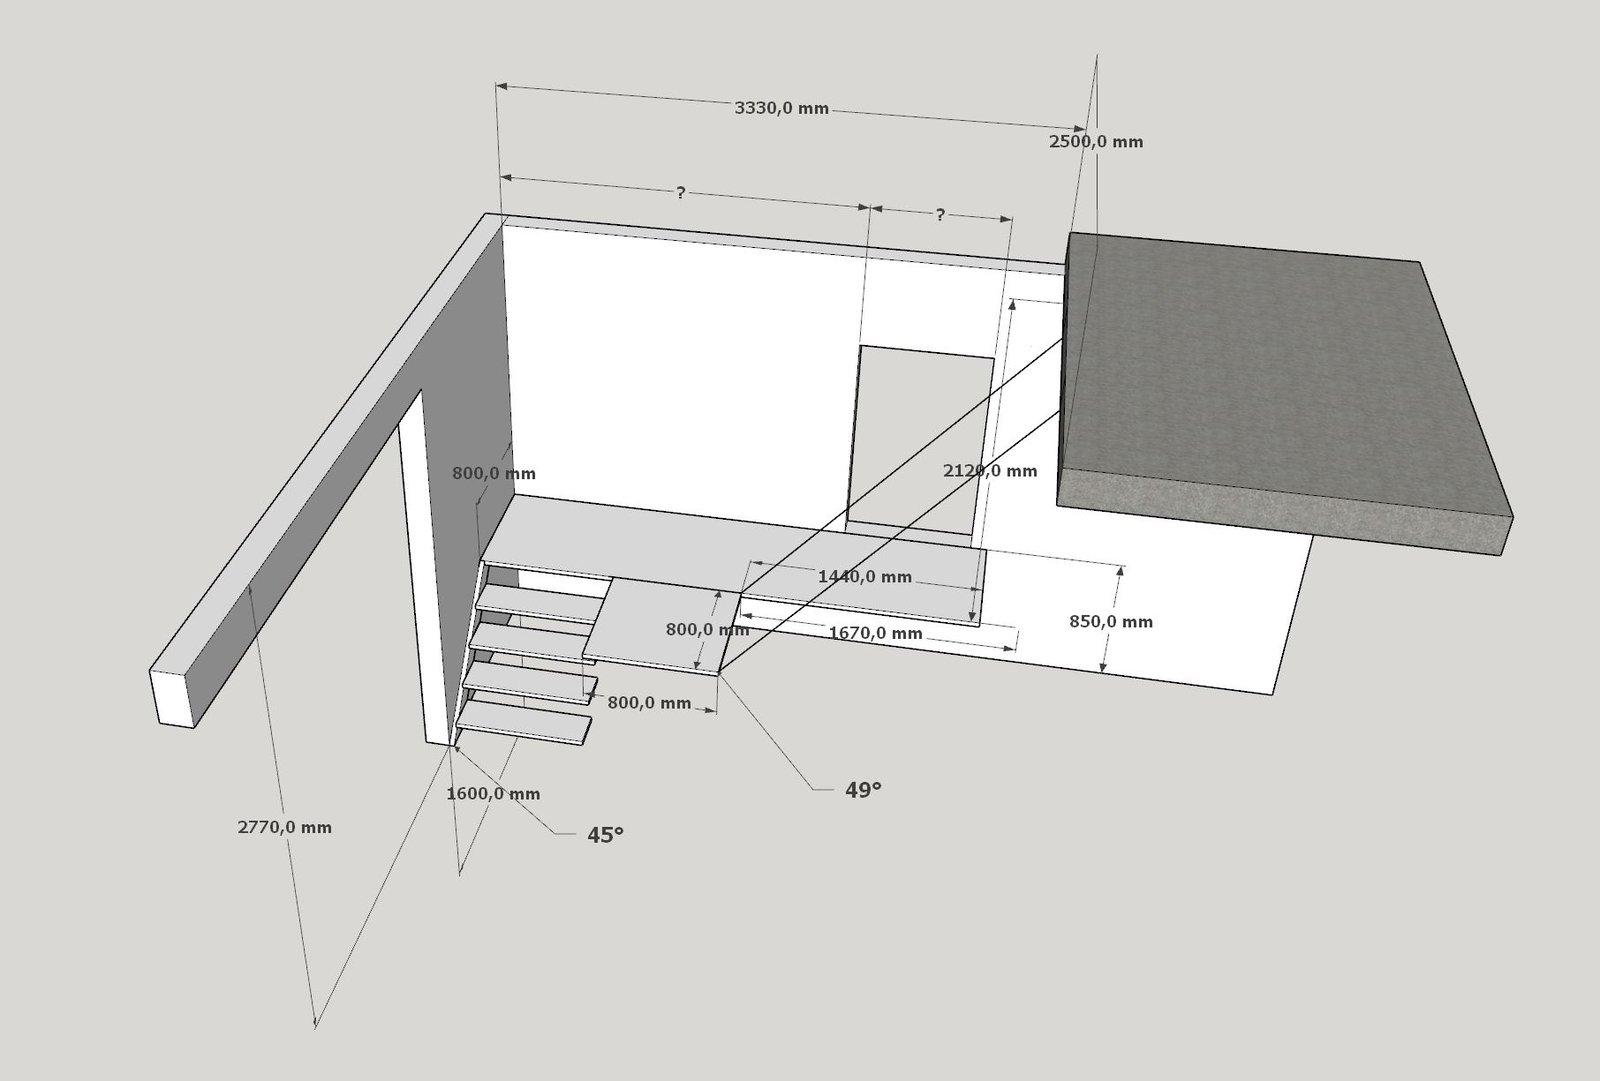 escalier : une double desserte  - Page 2 21040808441995123